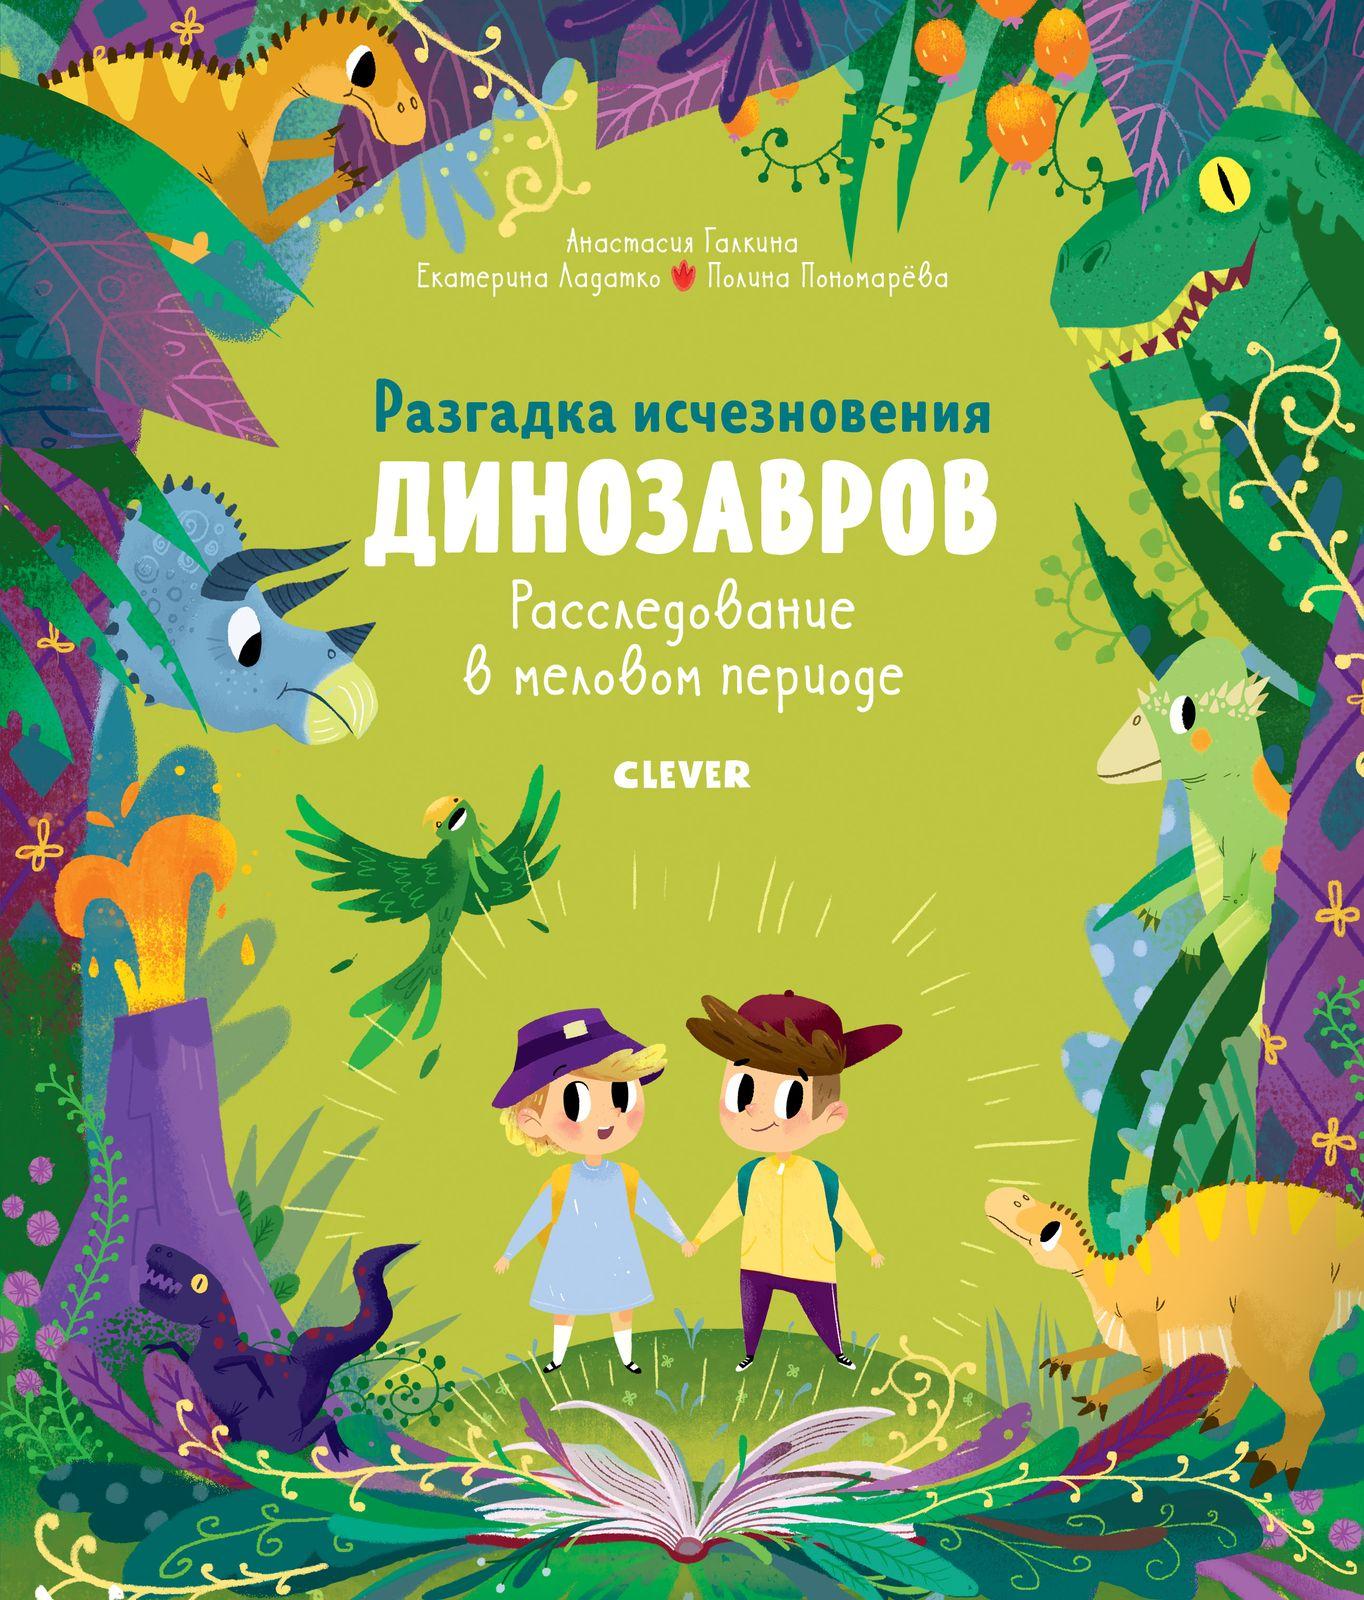 В гостях у динозавров. Разгадка исчезновения динозавров. Расследование в меловом периоде фото